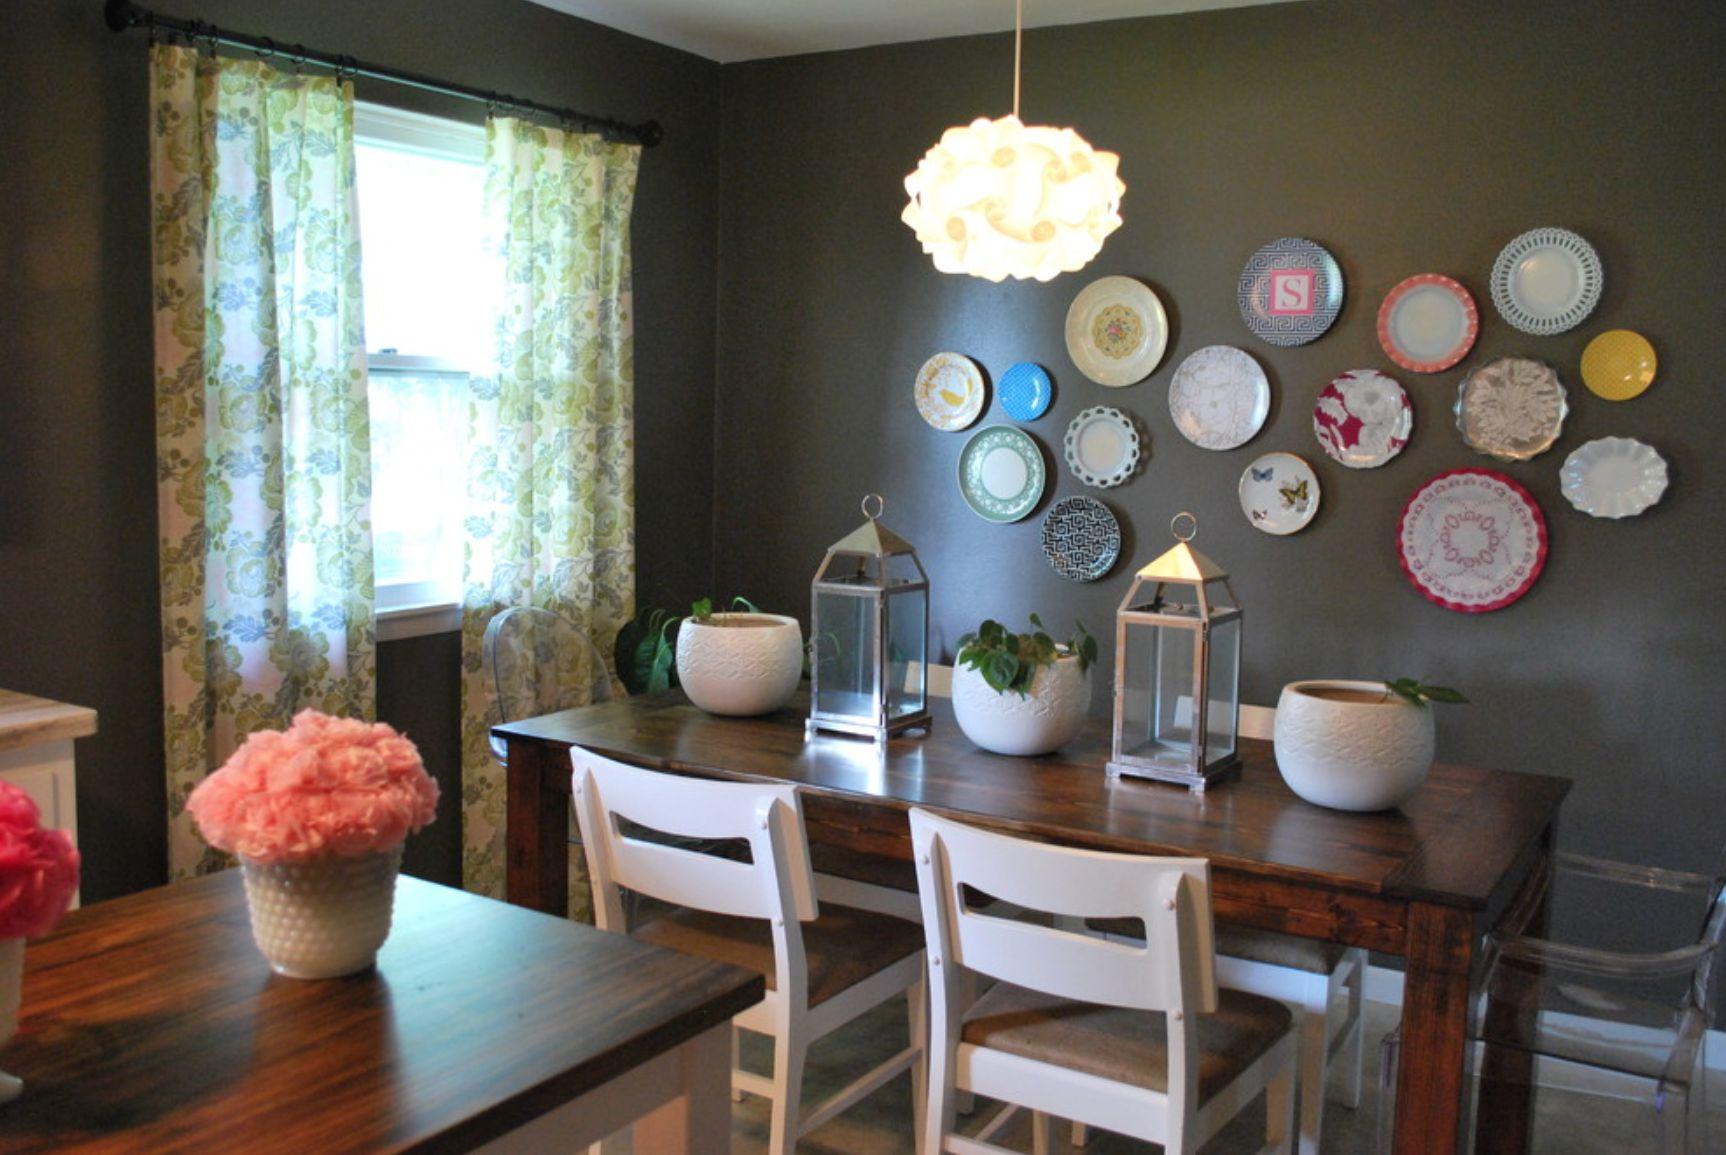 بالصور تزيين المنزل , اجمل زينه للمنزل 5257 1